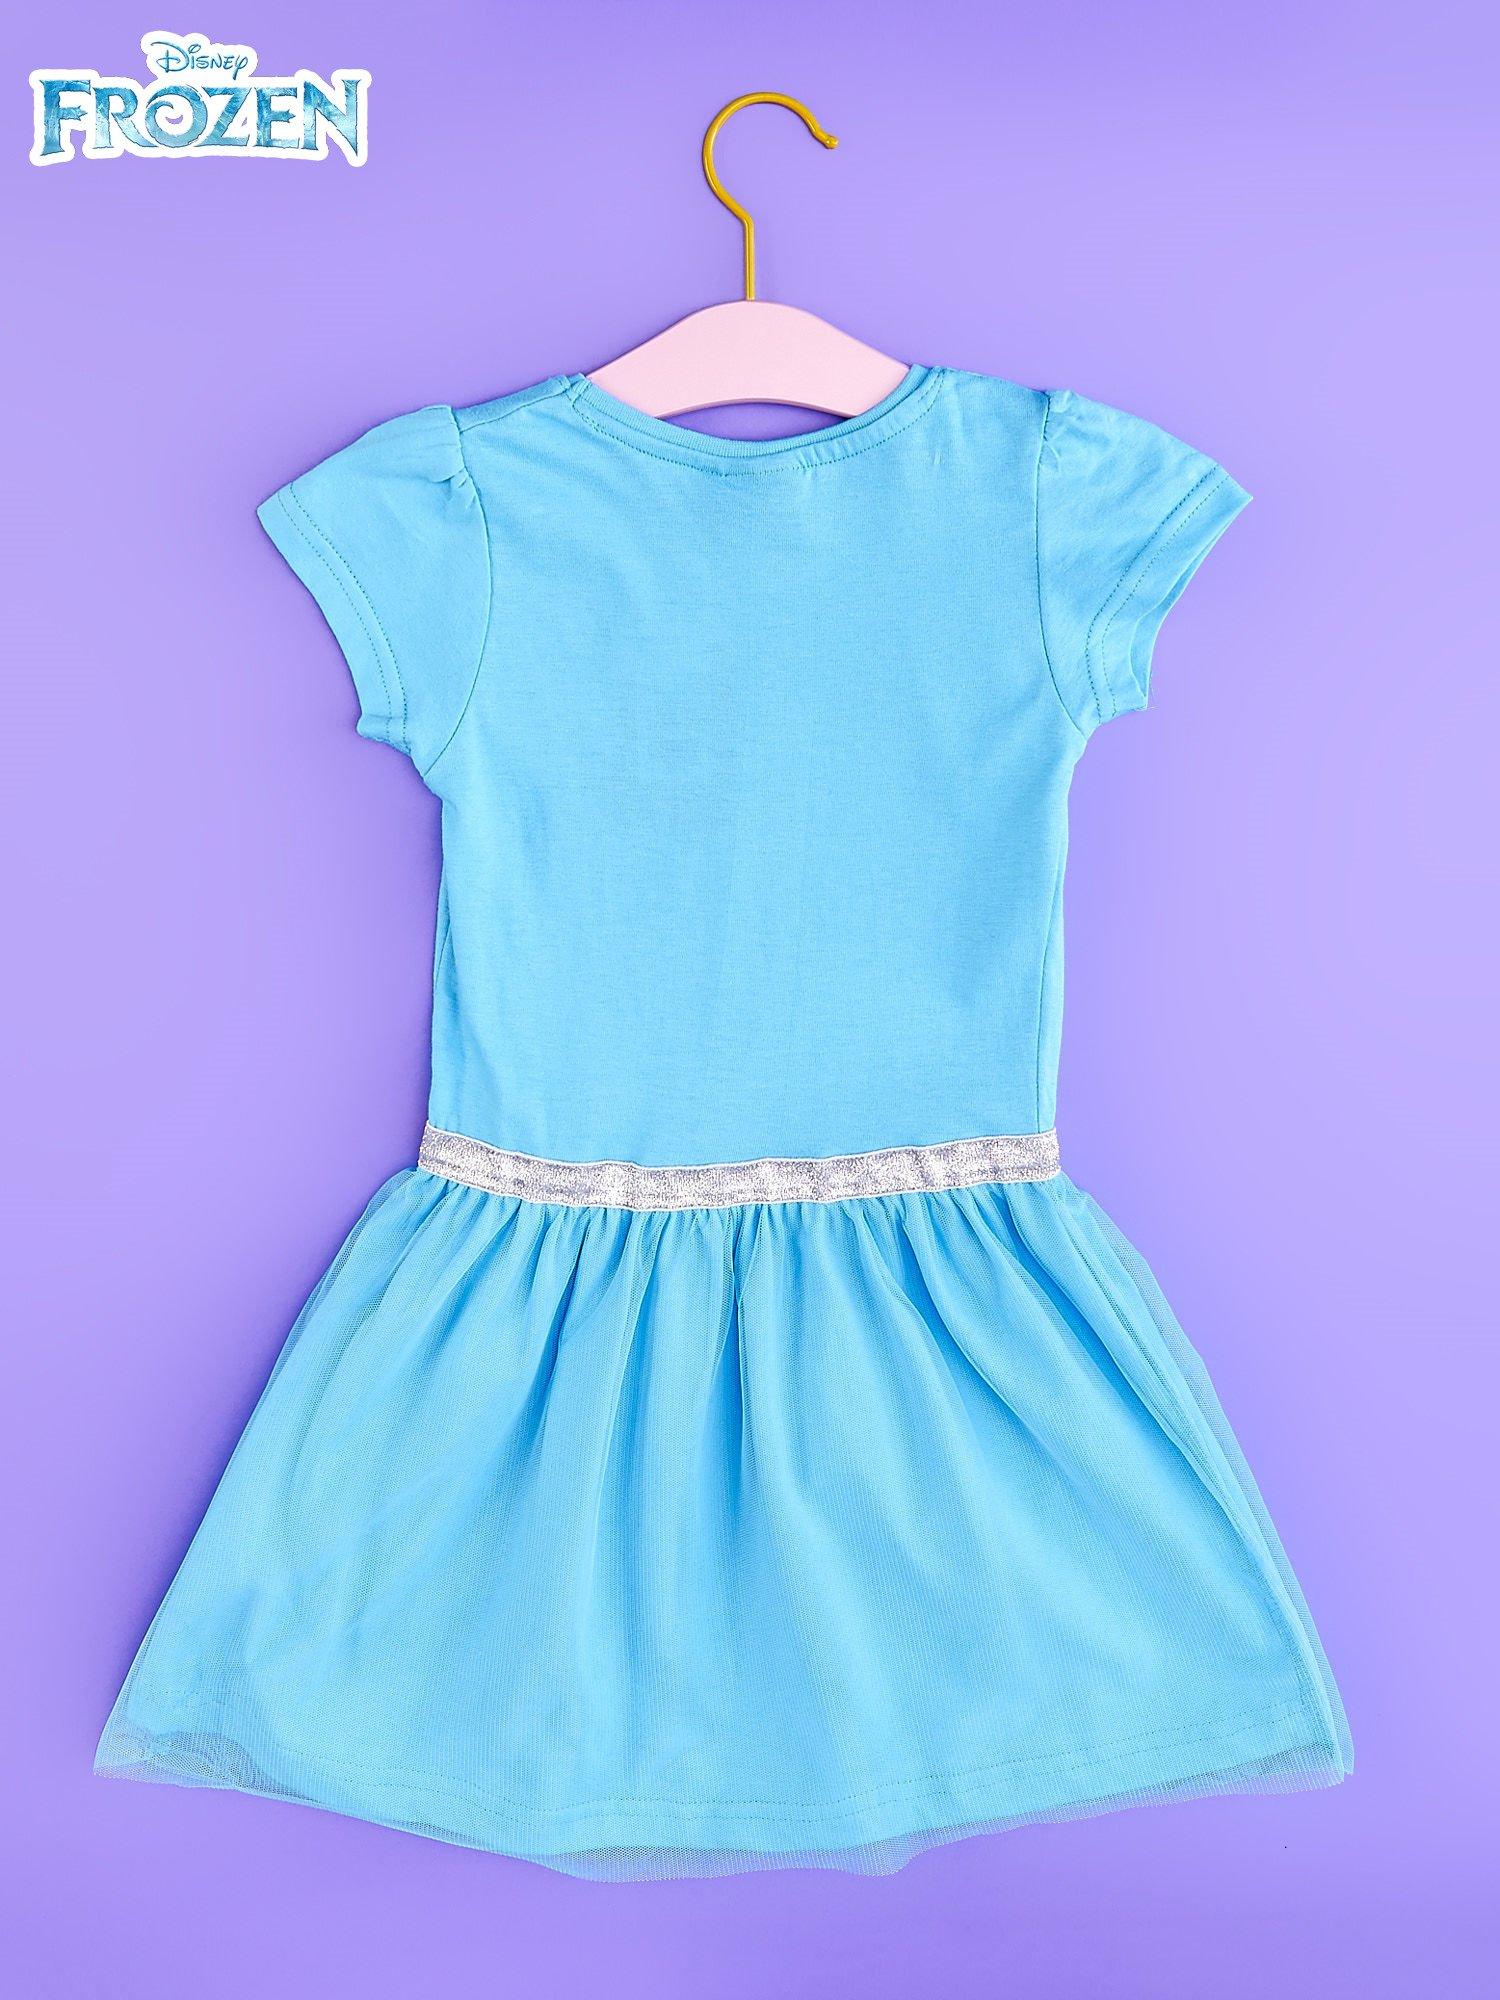 2adbcc2104 Znany Niebieska sukienka dla dziewczynki z tiulowym wykończeniem FROZEN   XD-58